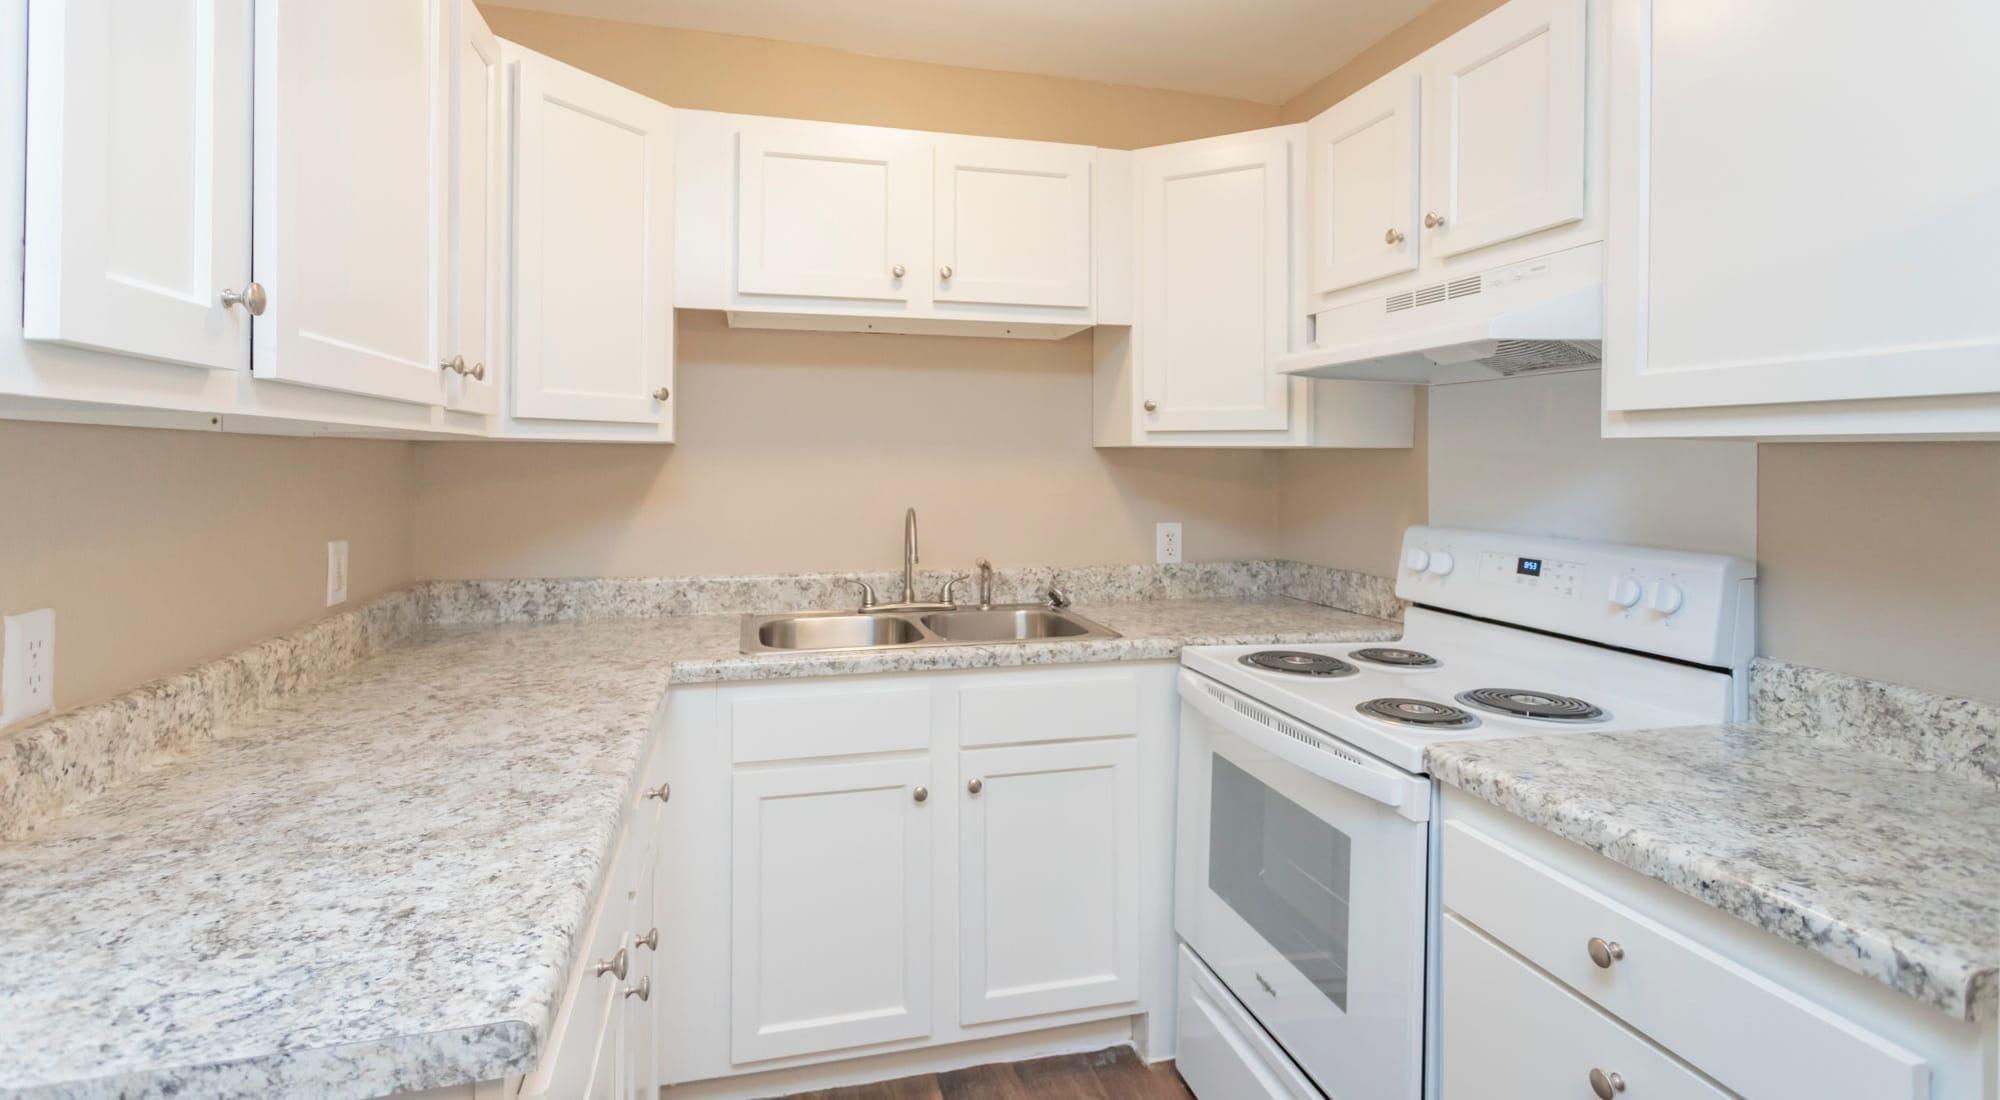 Updated Kitchen at Maple Creek in Nashville, TN